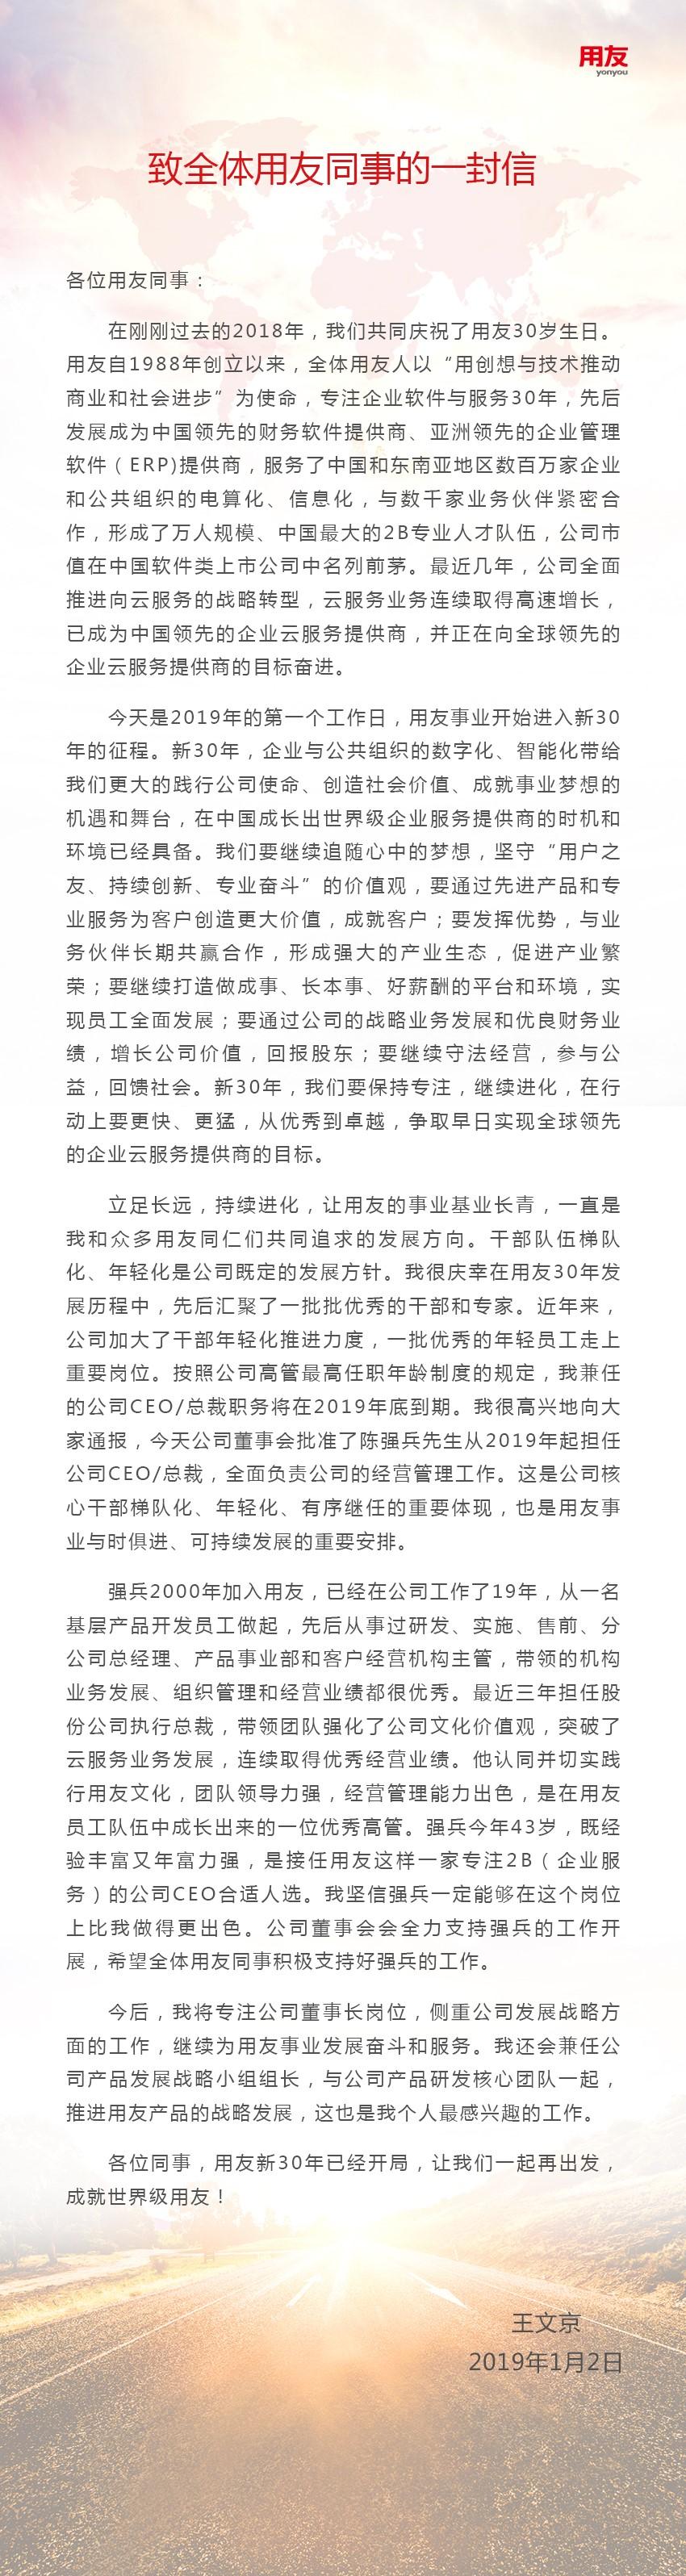 王文京辞任用友网络CEO 发表致全体用友同事的一封信